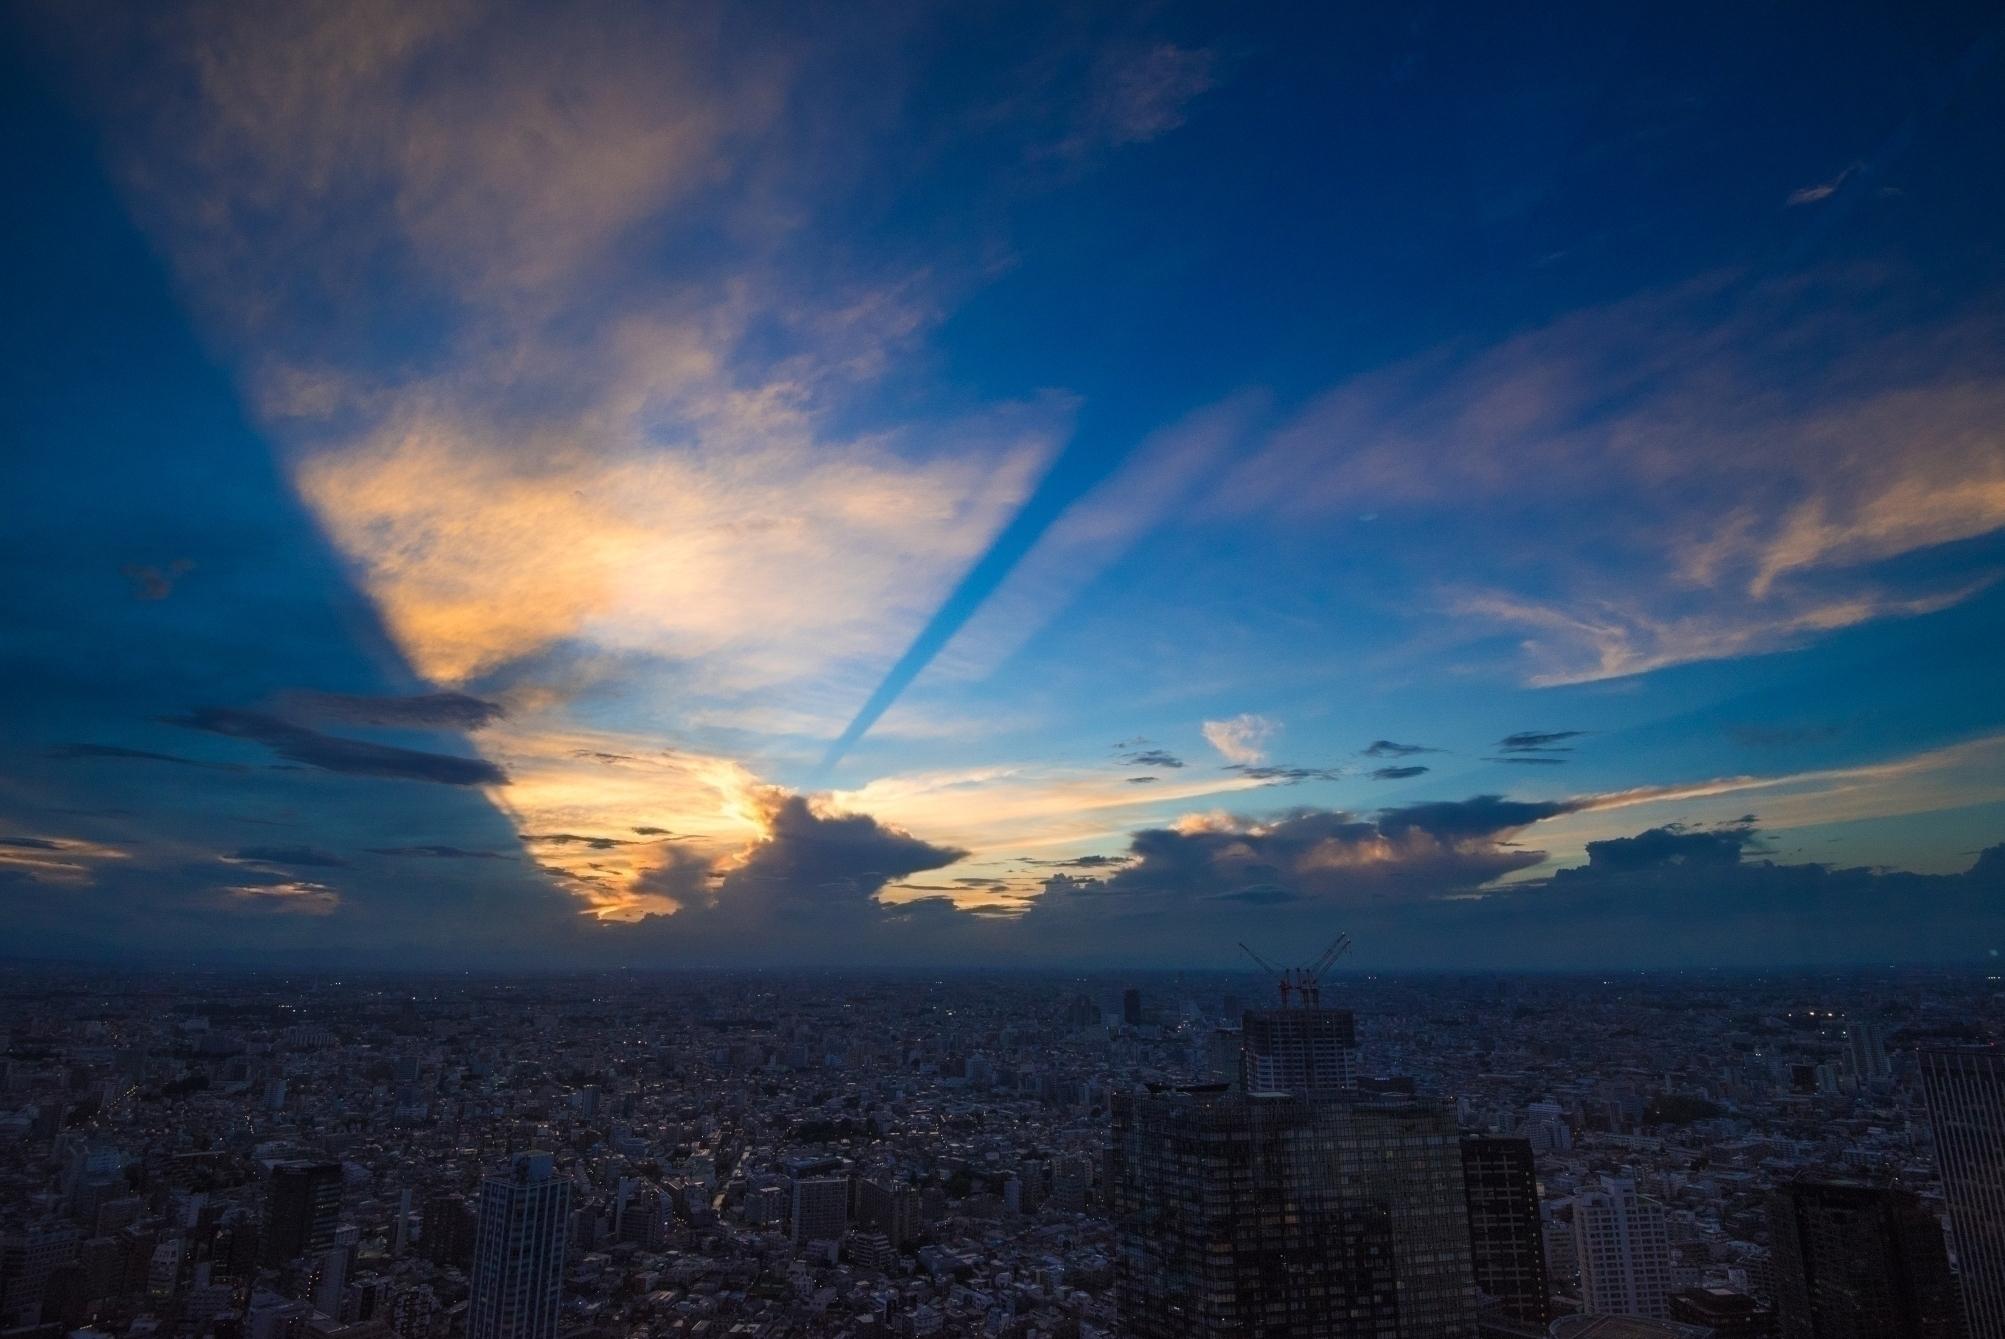 Ray light.  #tokyo  - yoshirou | ello